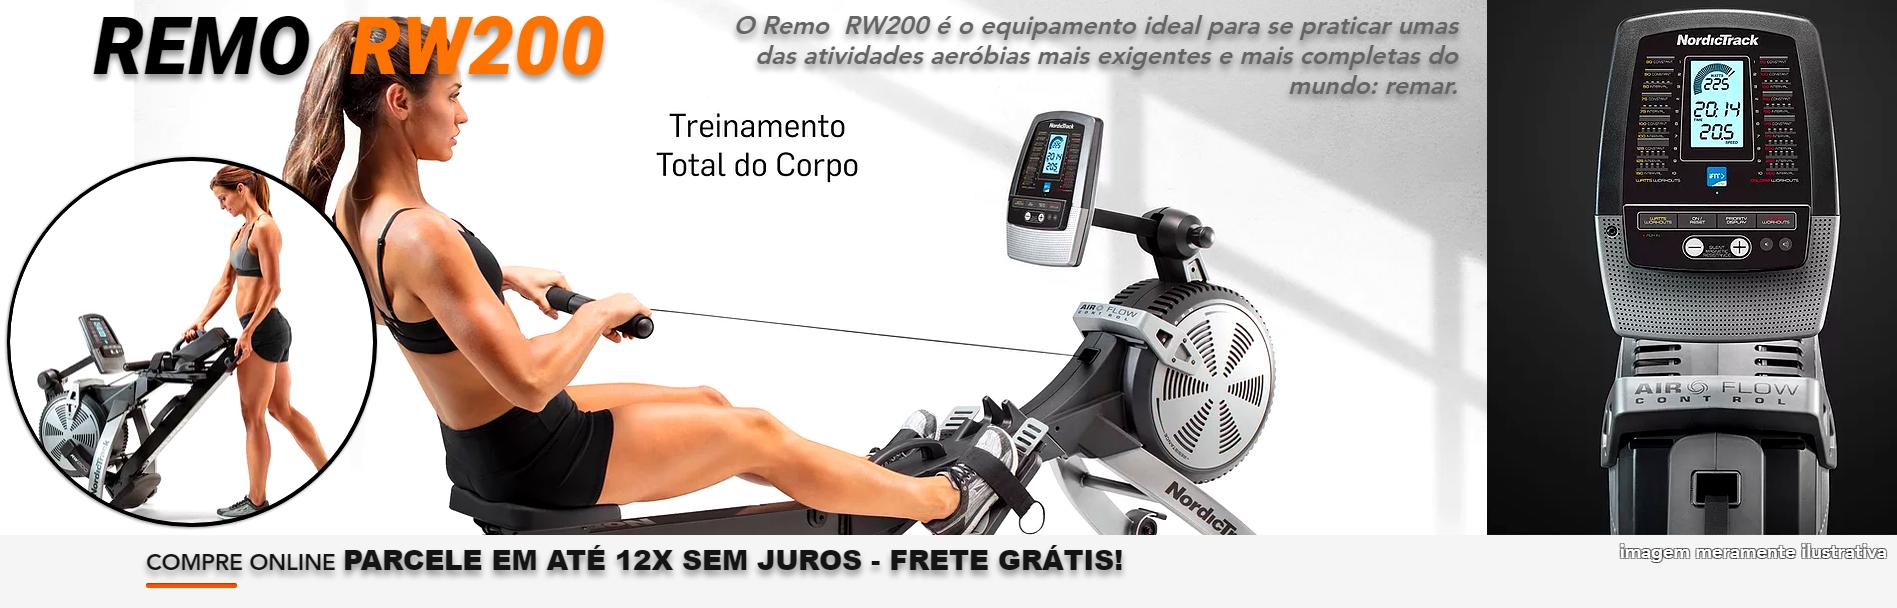 Remo Seco RW 200